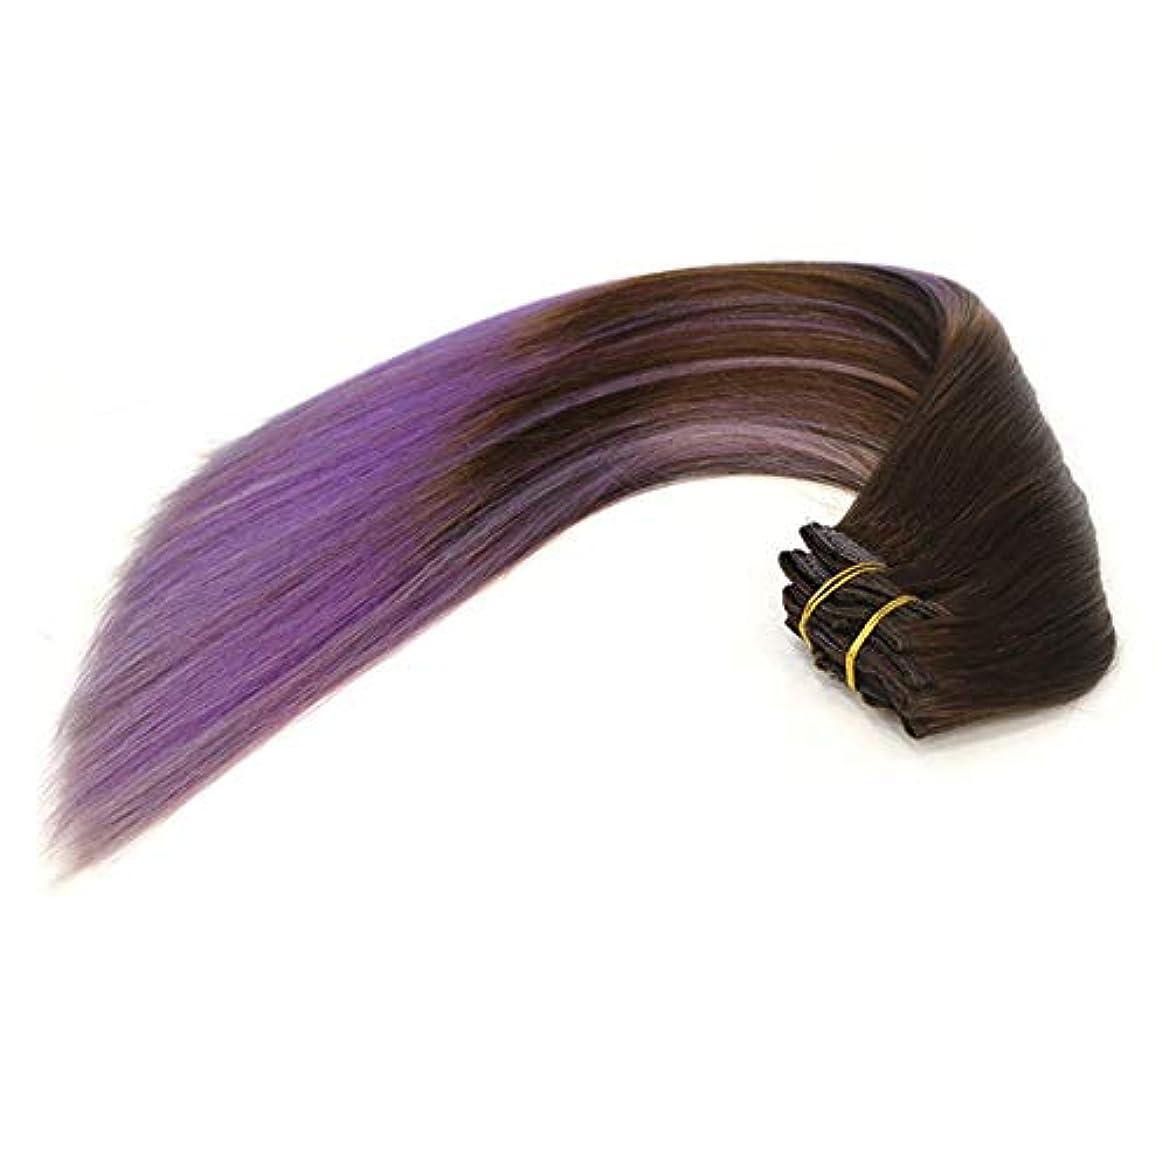 ロンドン妊娠した案件WASAIO パープル)ヘアエクステンションクリップ裏地なし髪型の交換、Unbowedヘアエクステンションヘッド総8本かつら(17